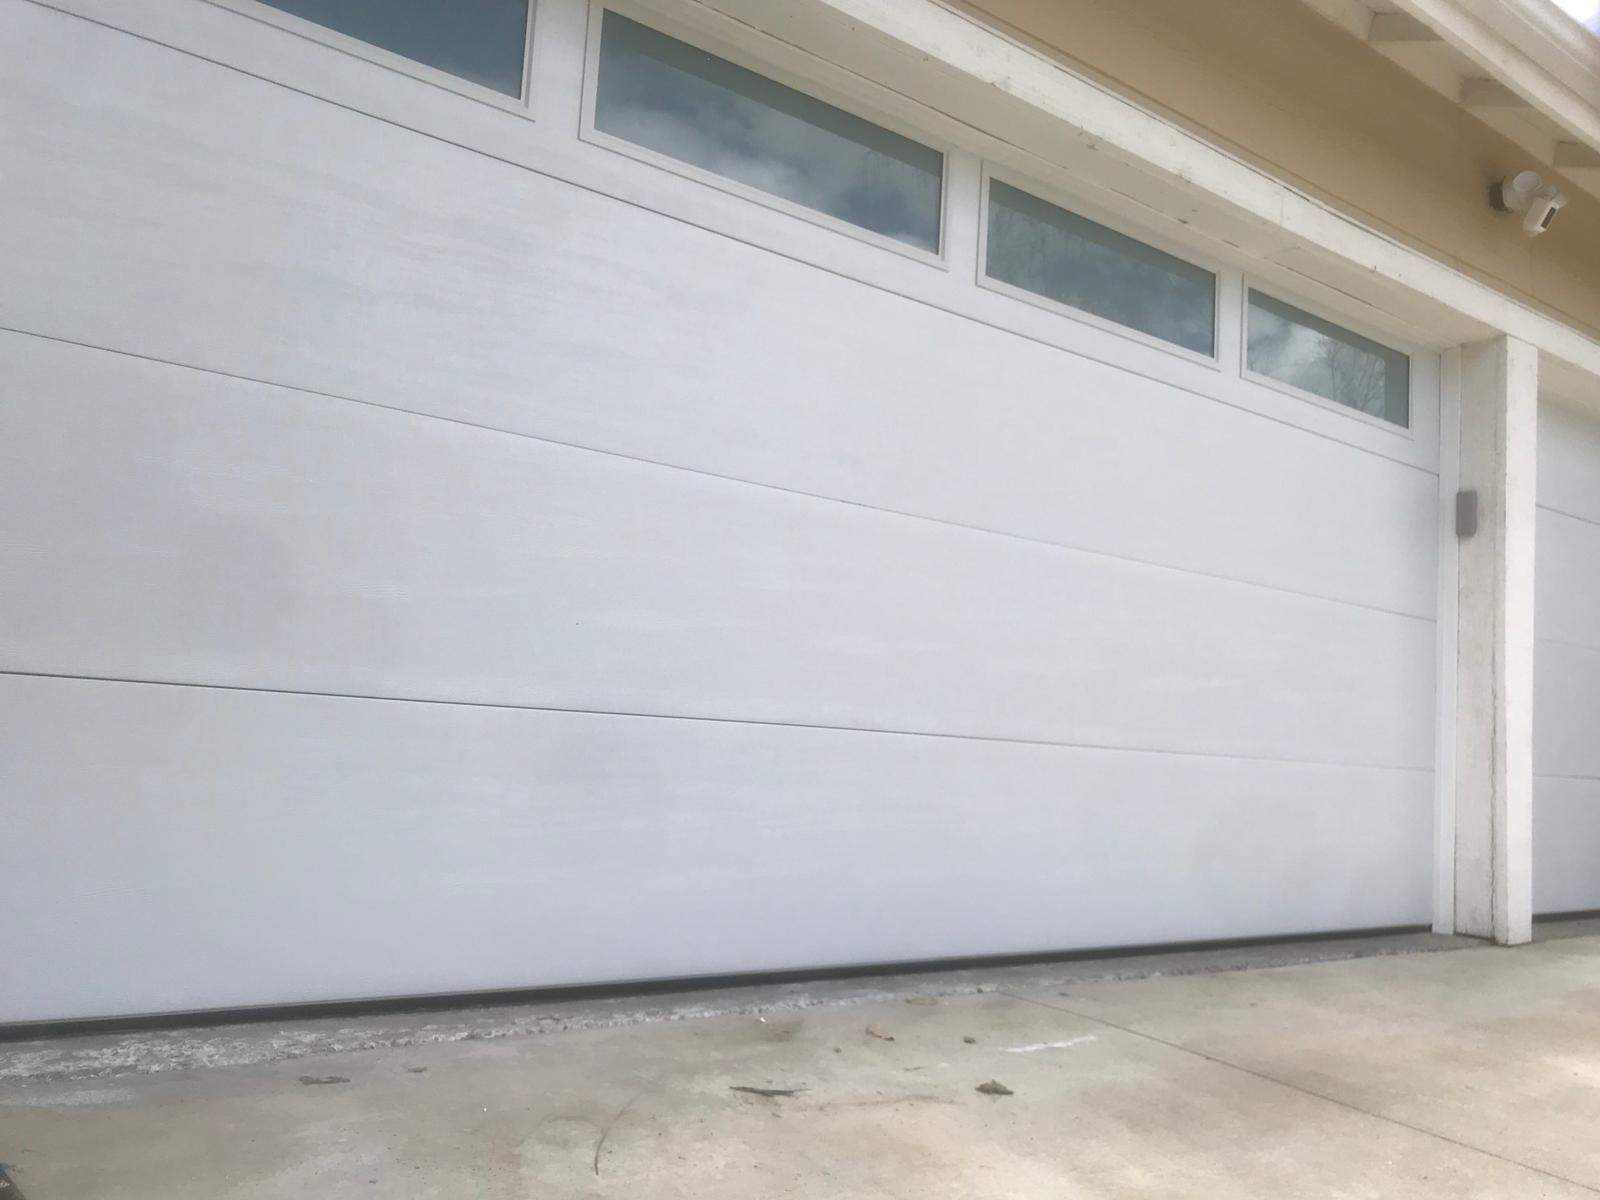 National City CA Garage Door Repair & Replacement